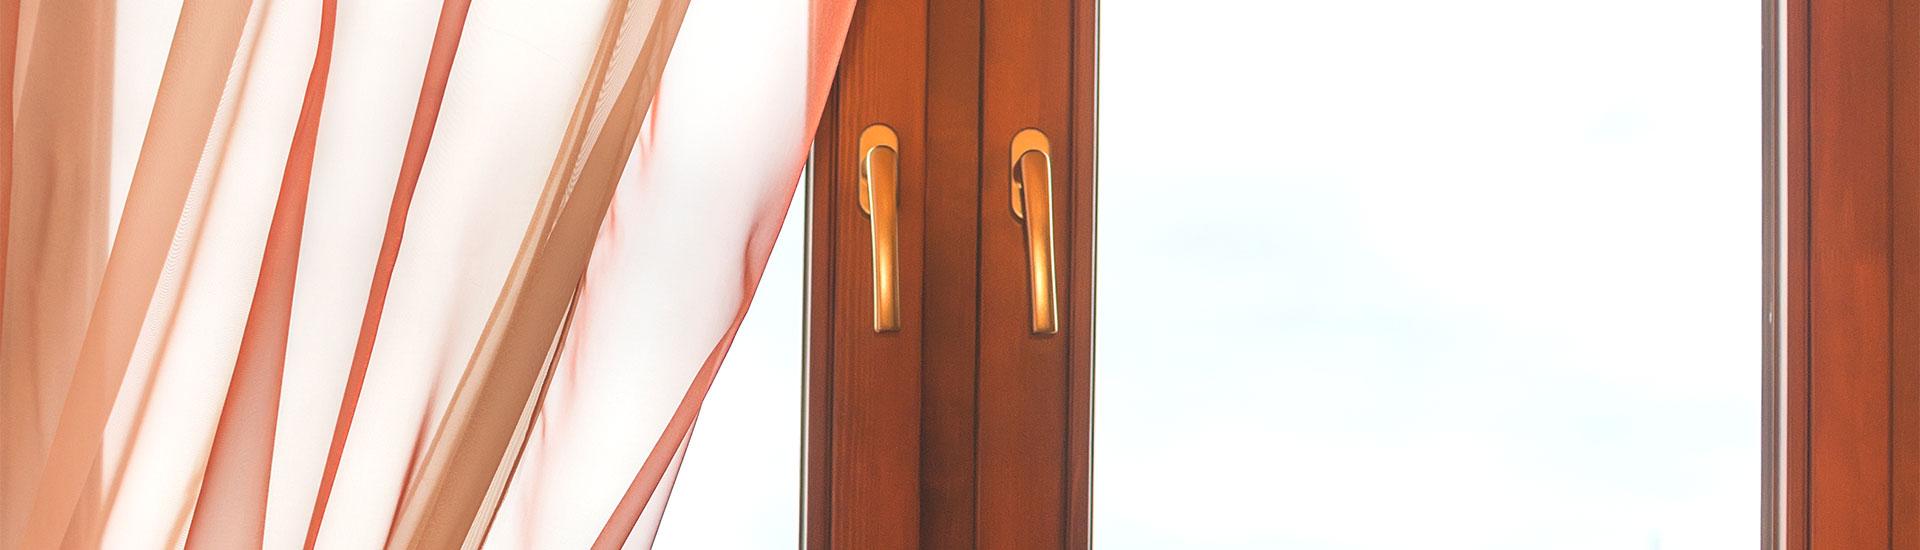 Ablak- és ajtócsere kivitelezése